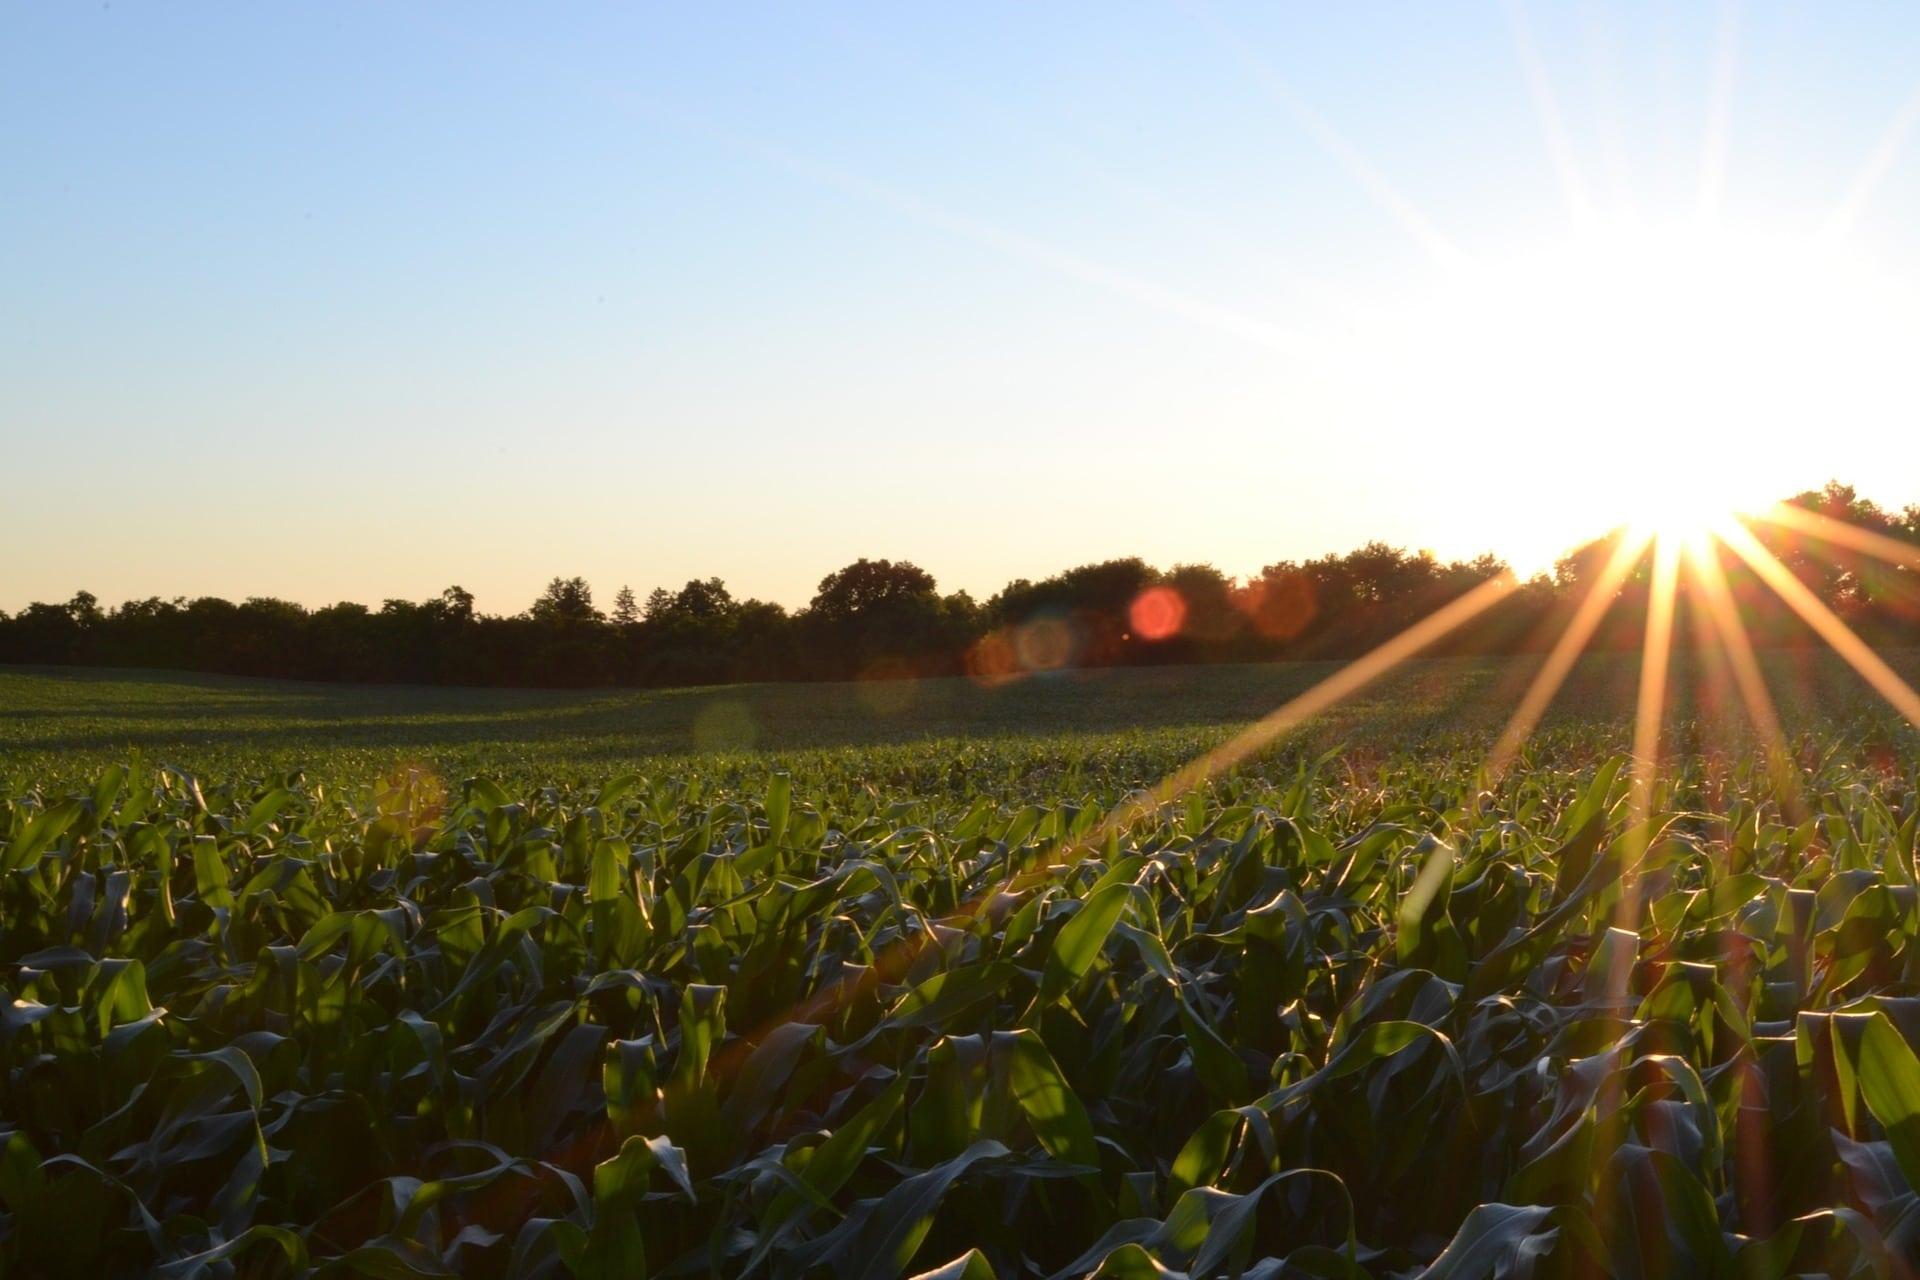 Agropecuária: o que é, tipos de sistemas e mais!